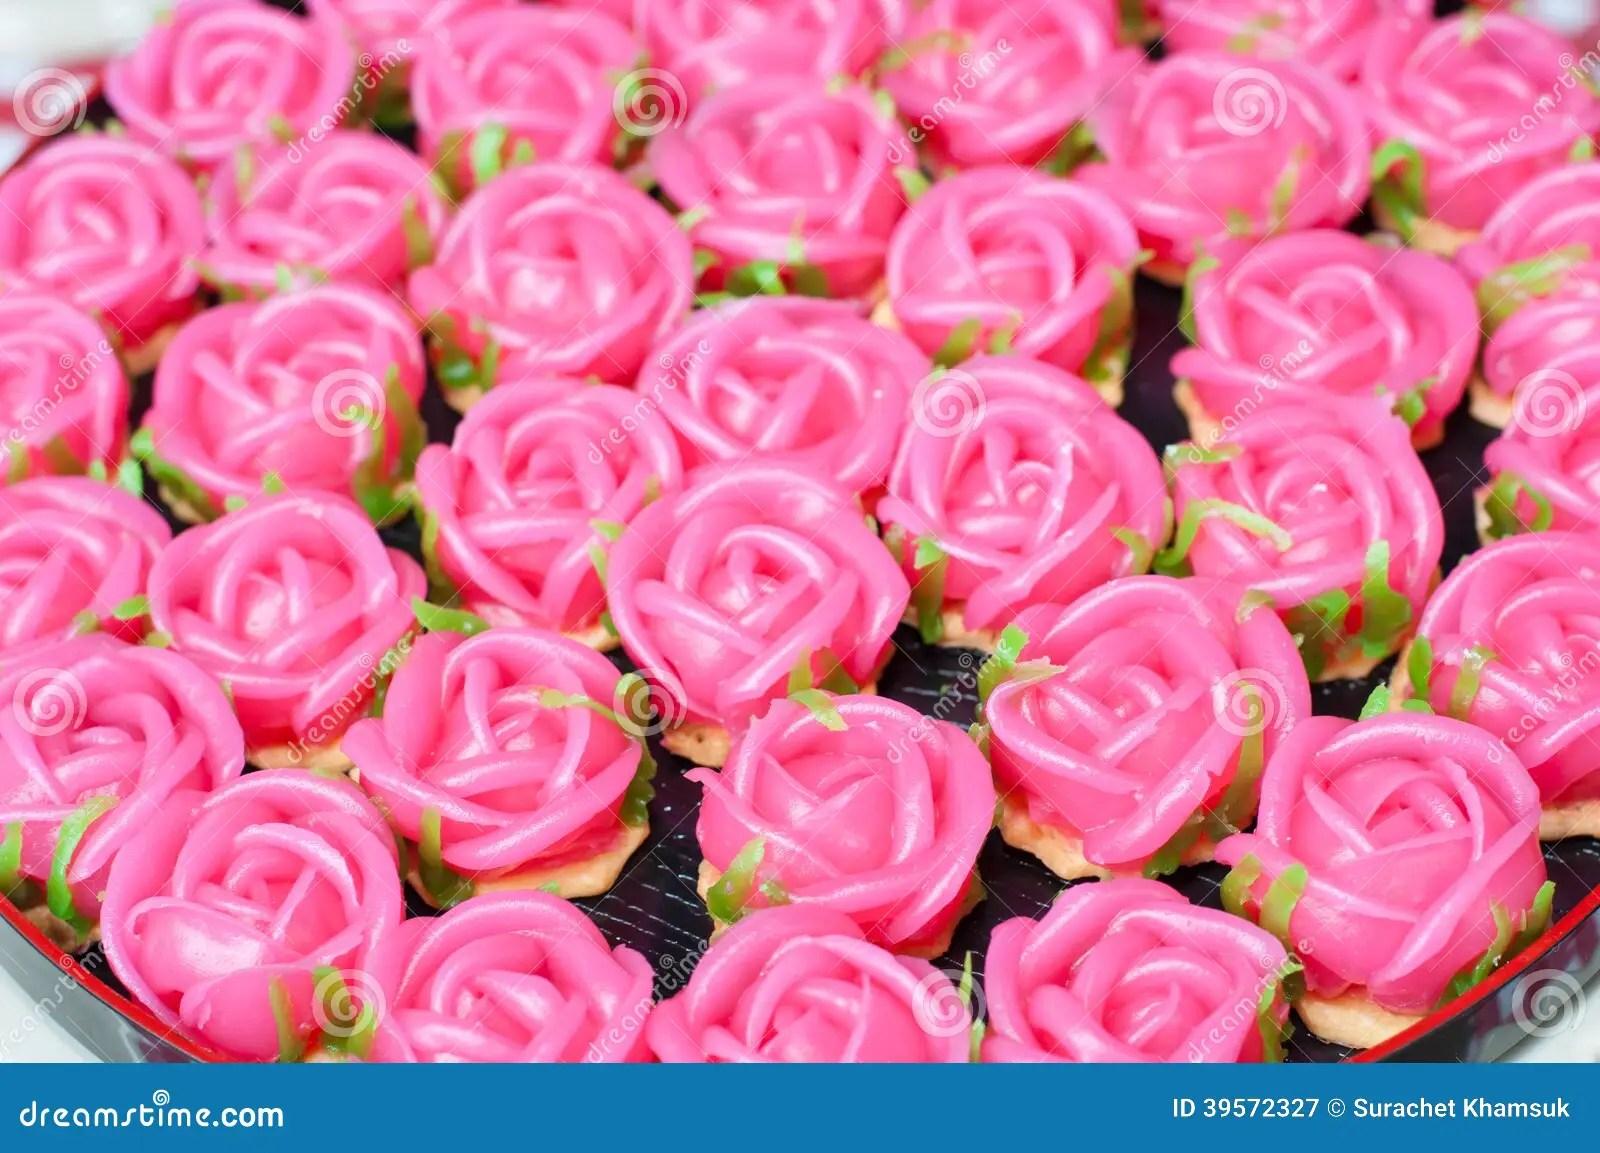 Cute Dessert Wallpaper Kanom Gulap Chawwang Applied Thai Dessert Stock Image